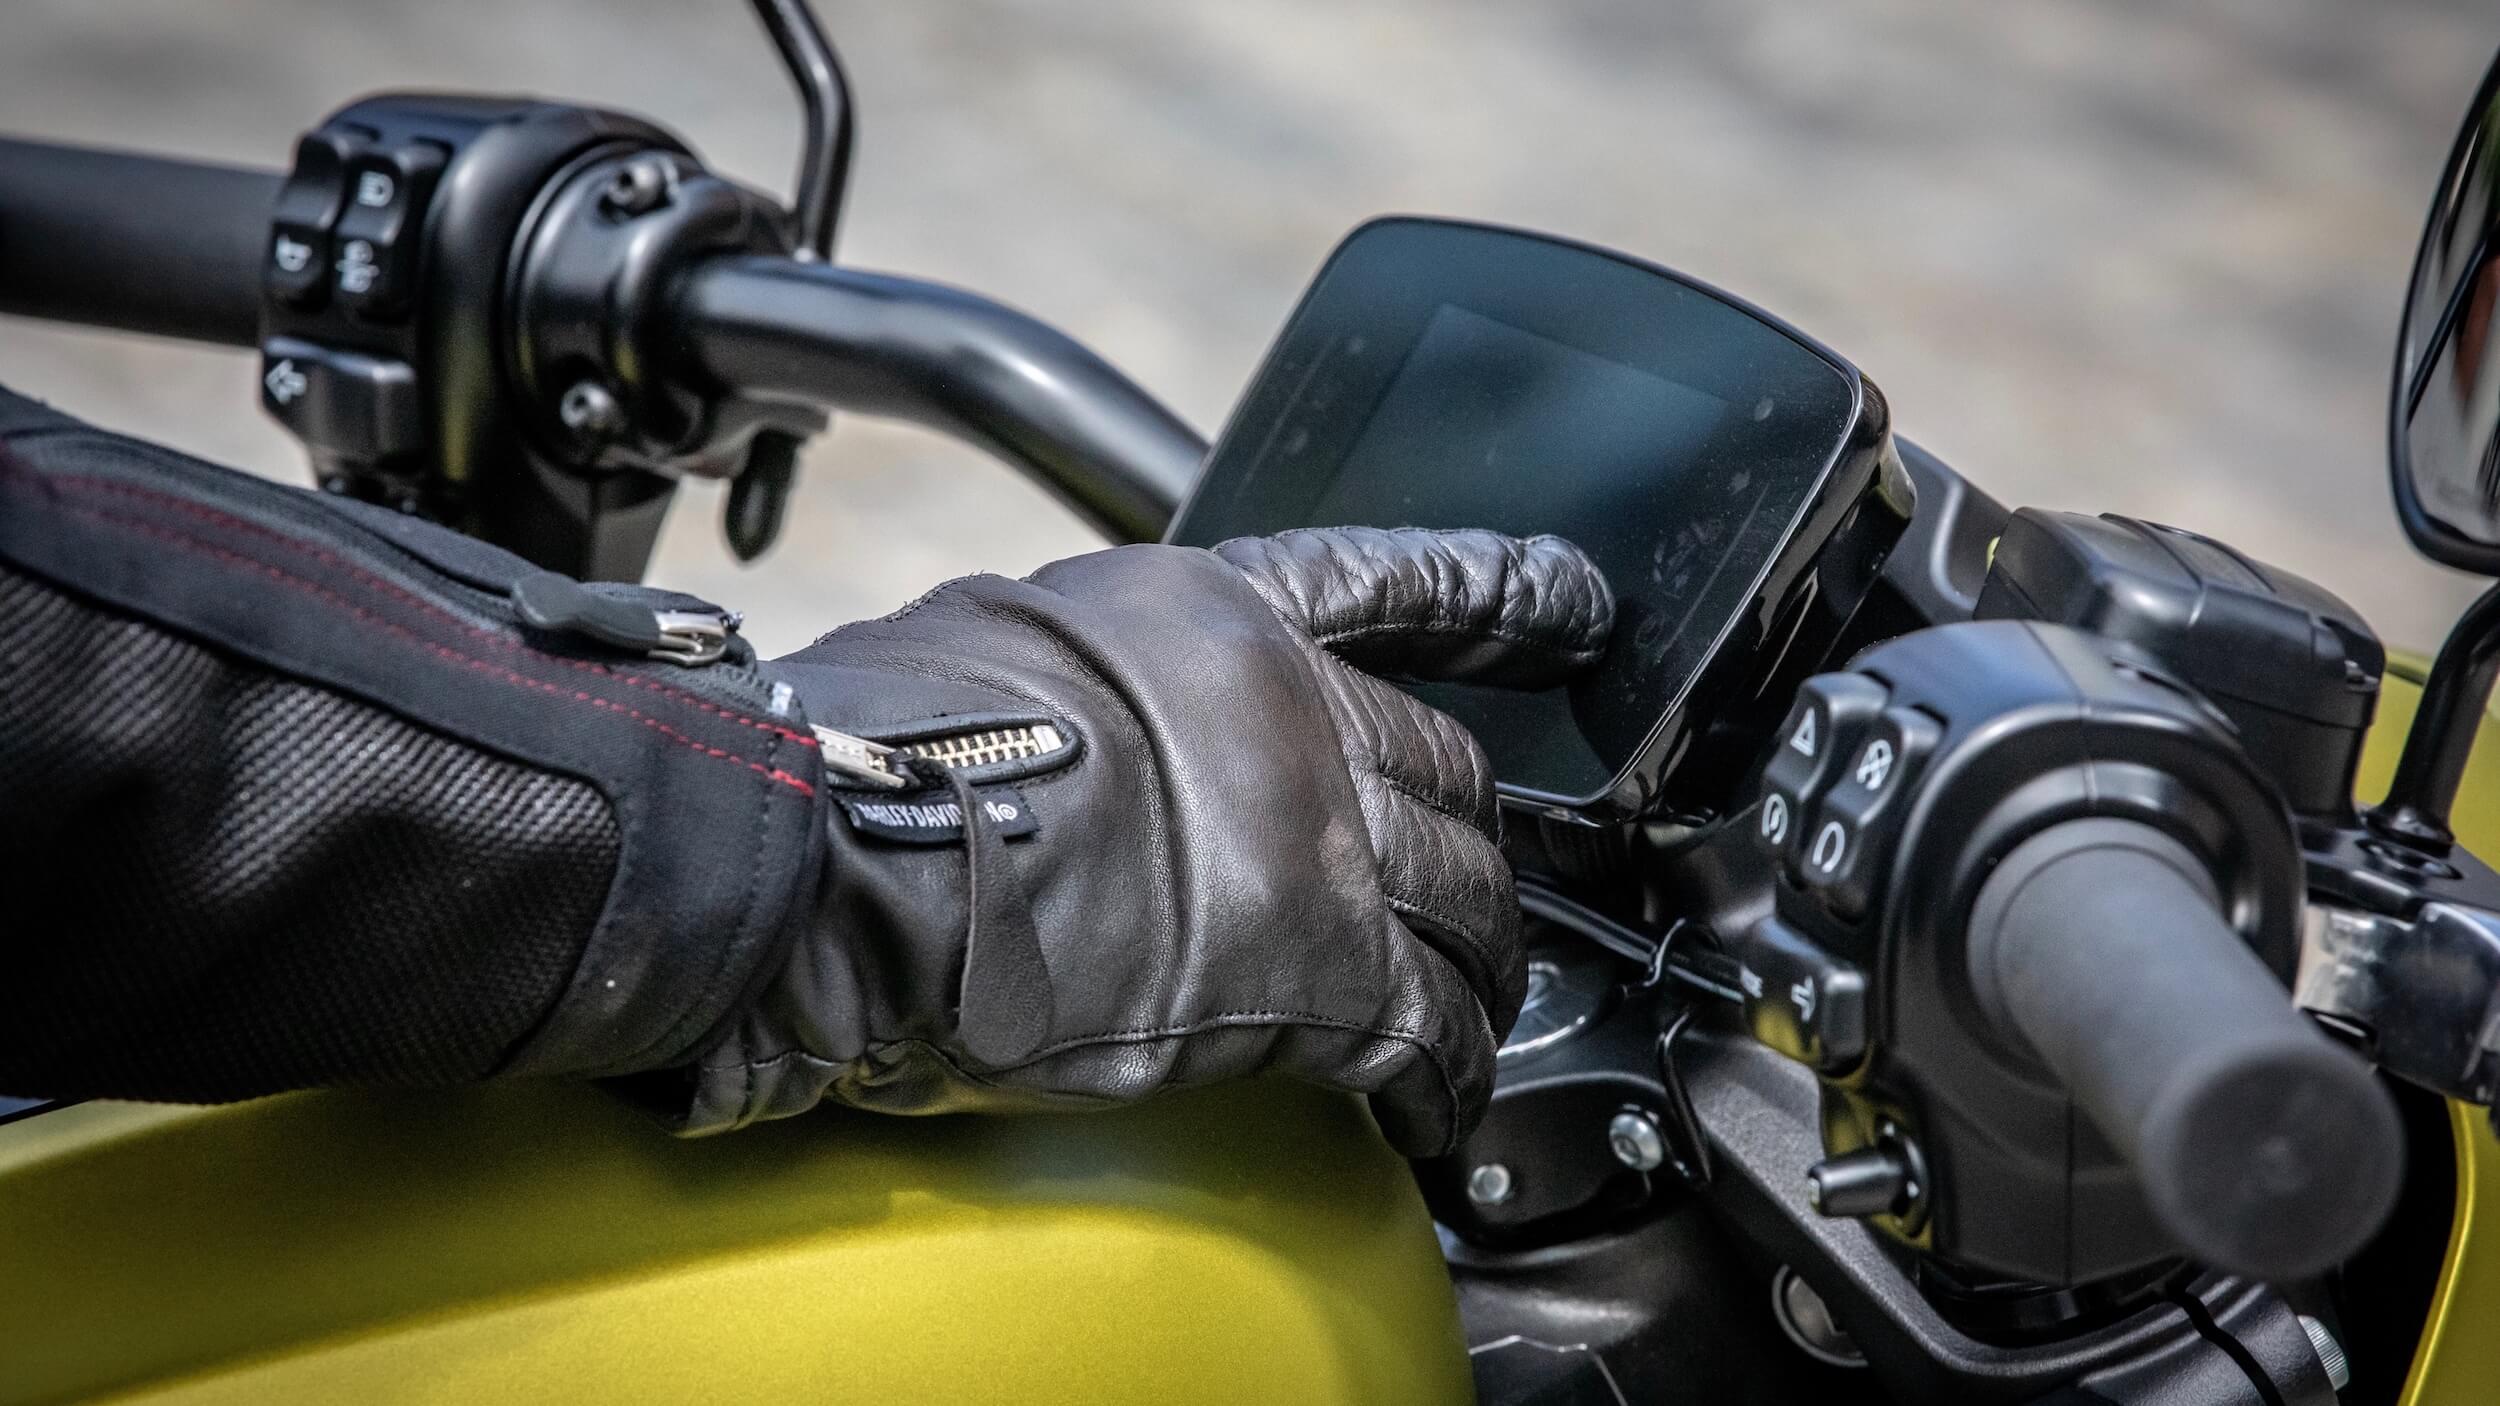 elektrische Harley Davidson scherm